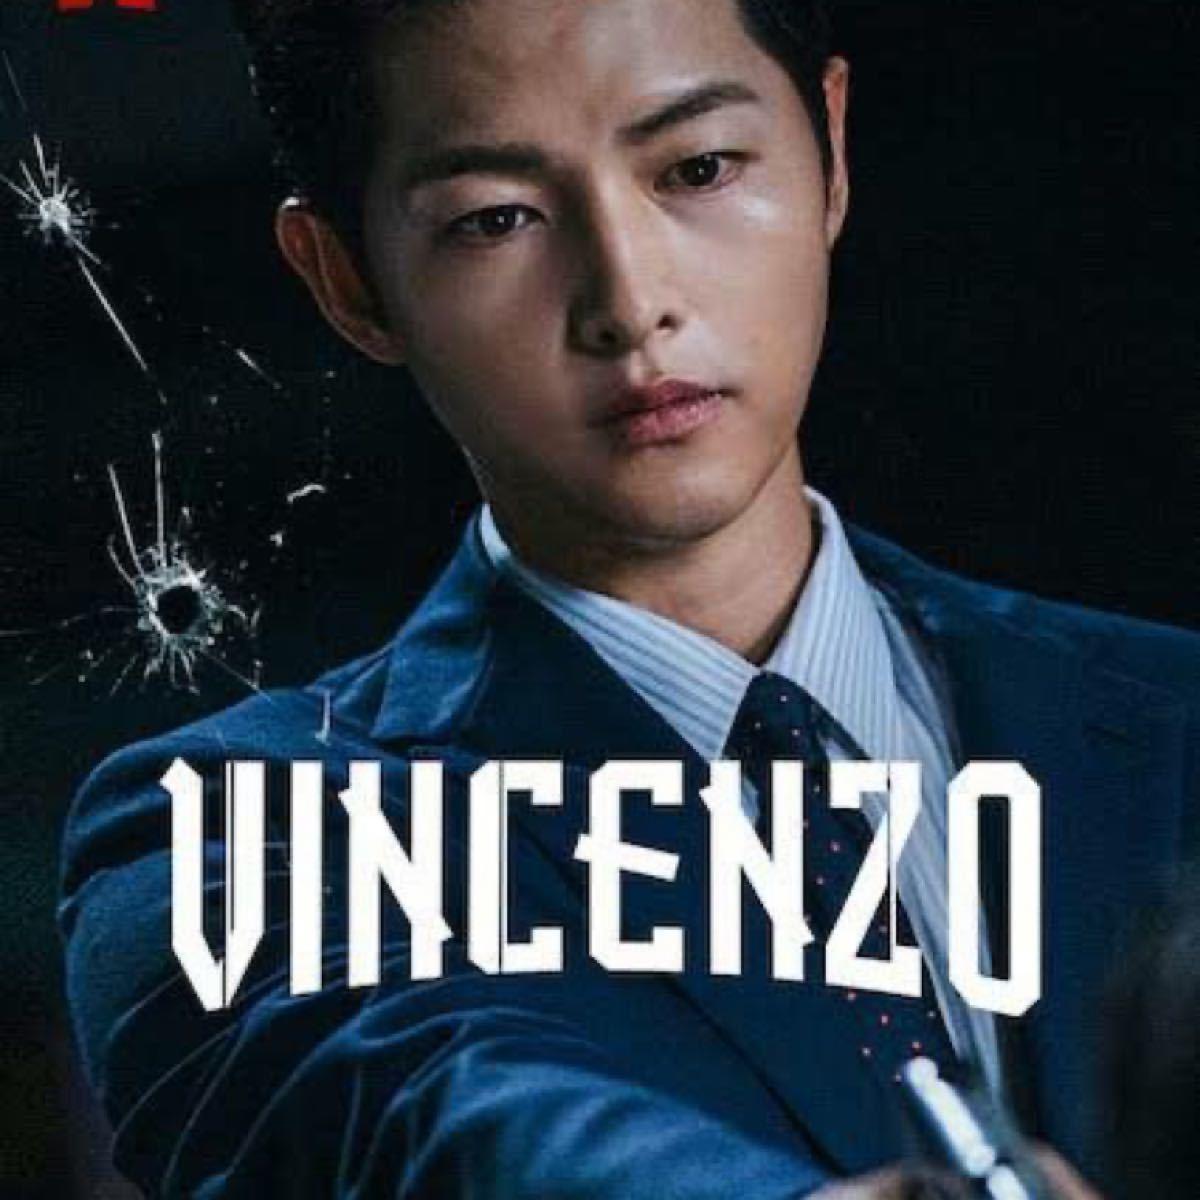 韓国ドラマ ヴィンチェンツォ《VINCENZO》Blu-ray